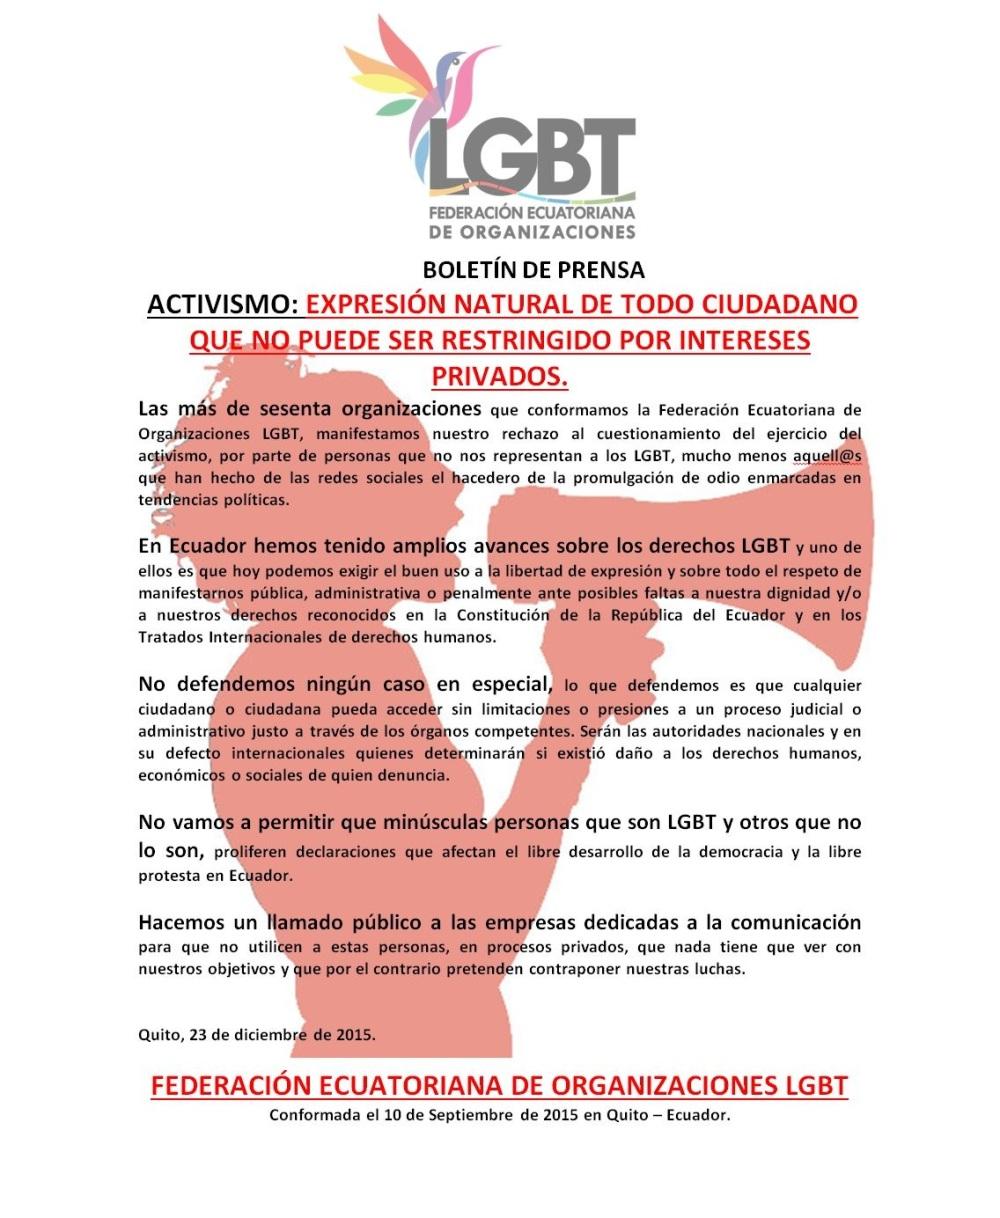 ACTIVISMO EXPRESIÓN NATURAL DE TODO CIUDADANO QUE NO PUEDE SER RESTRINGIDO POR INTERESES PRIVADOS